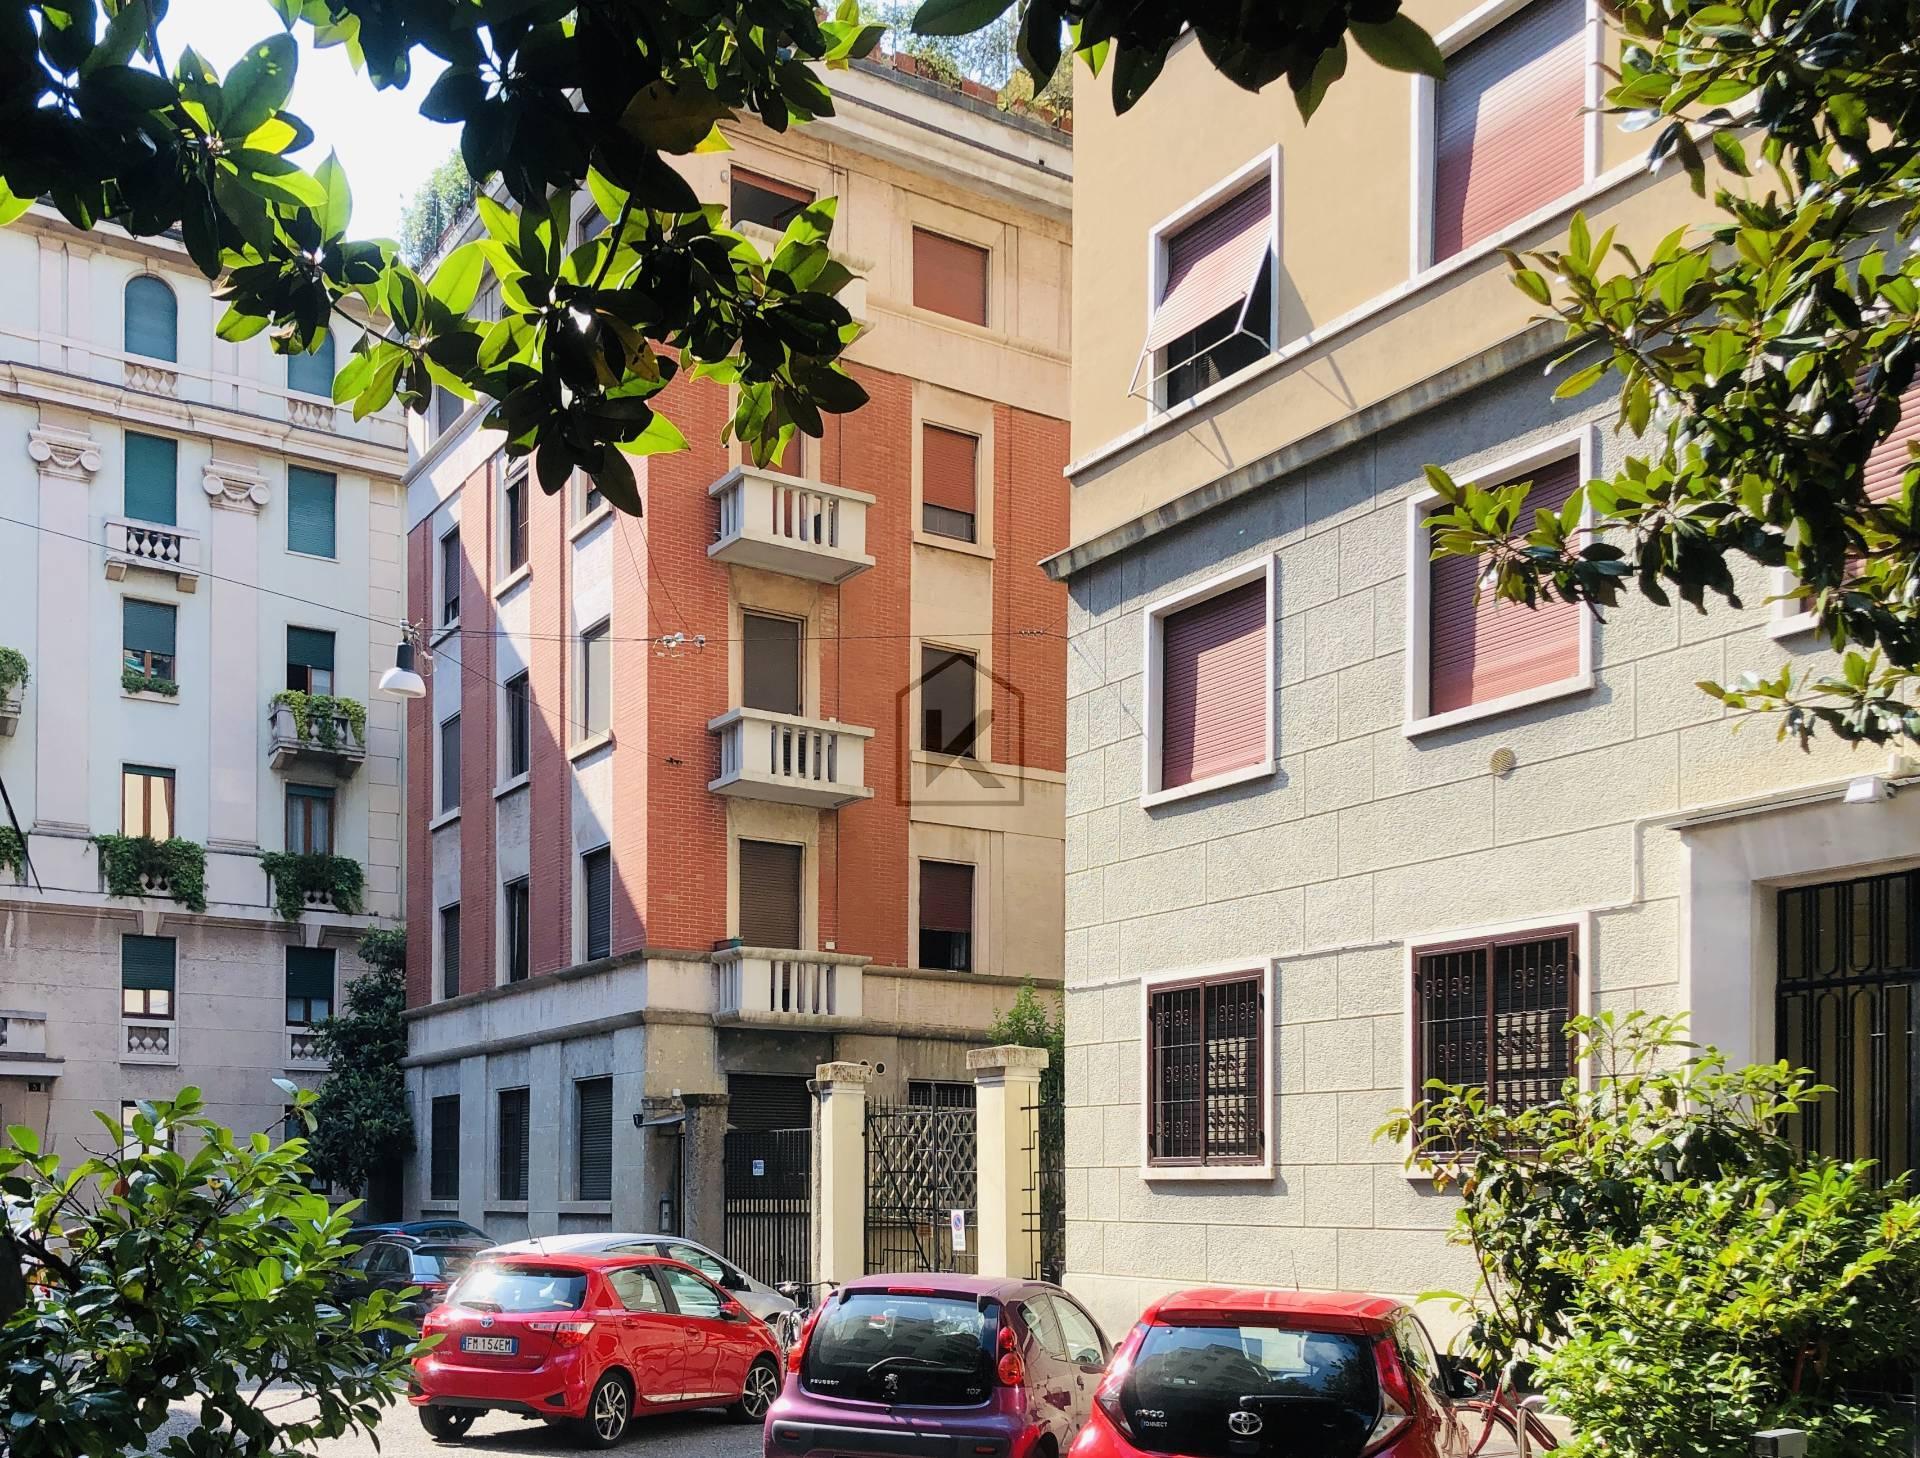 Appartamento in Vendita a Milano 03 Venezia / Piave / Buenos Aires: 3 locali, 67 mq